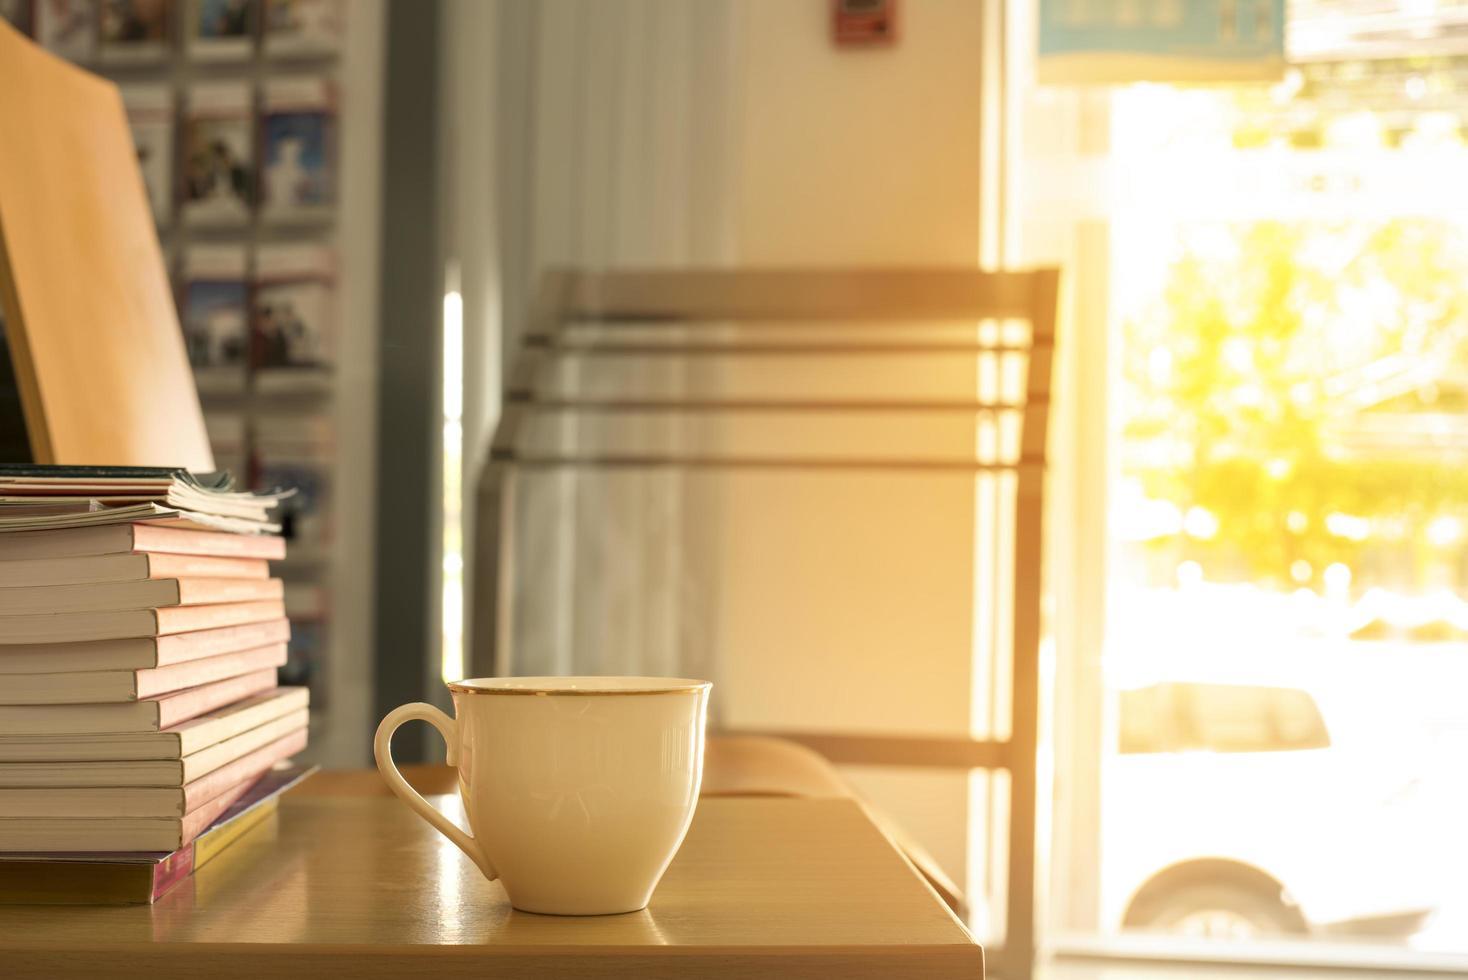 kopp kaffe i morgonljuset foto